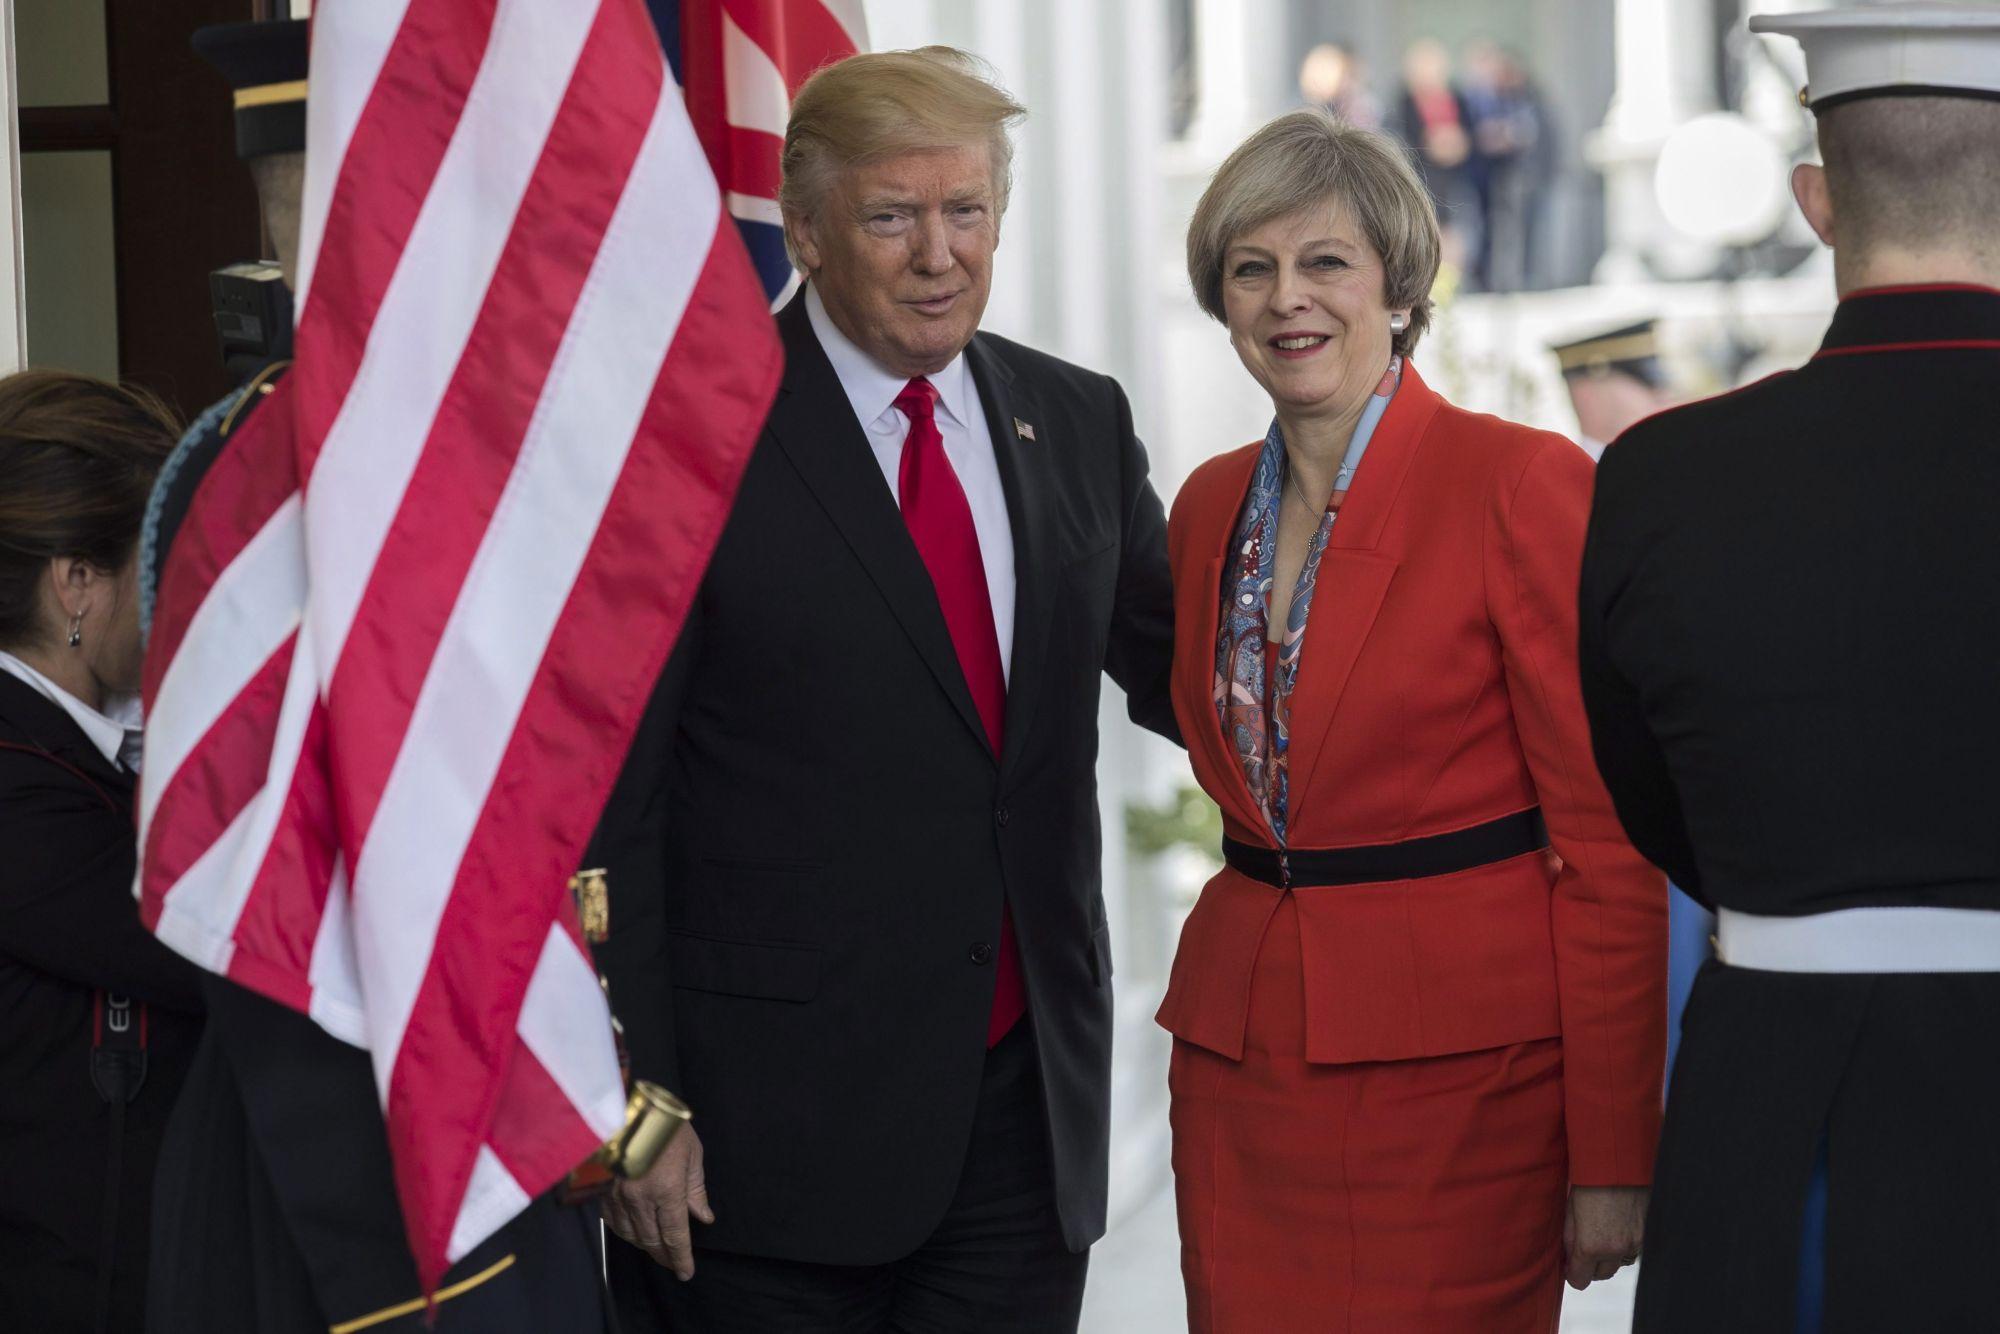 Donald Trump amerikai elnök (b) üdvözli Theresa May brit miniszterelnököt a washingtoni Fehér Házban 2017. január 27-én. May a január 20-án hivatalba lépett Donald Trump első külföldi vendége volt. (MTI/EPA/Shawn Thew)